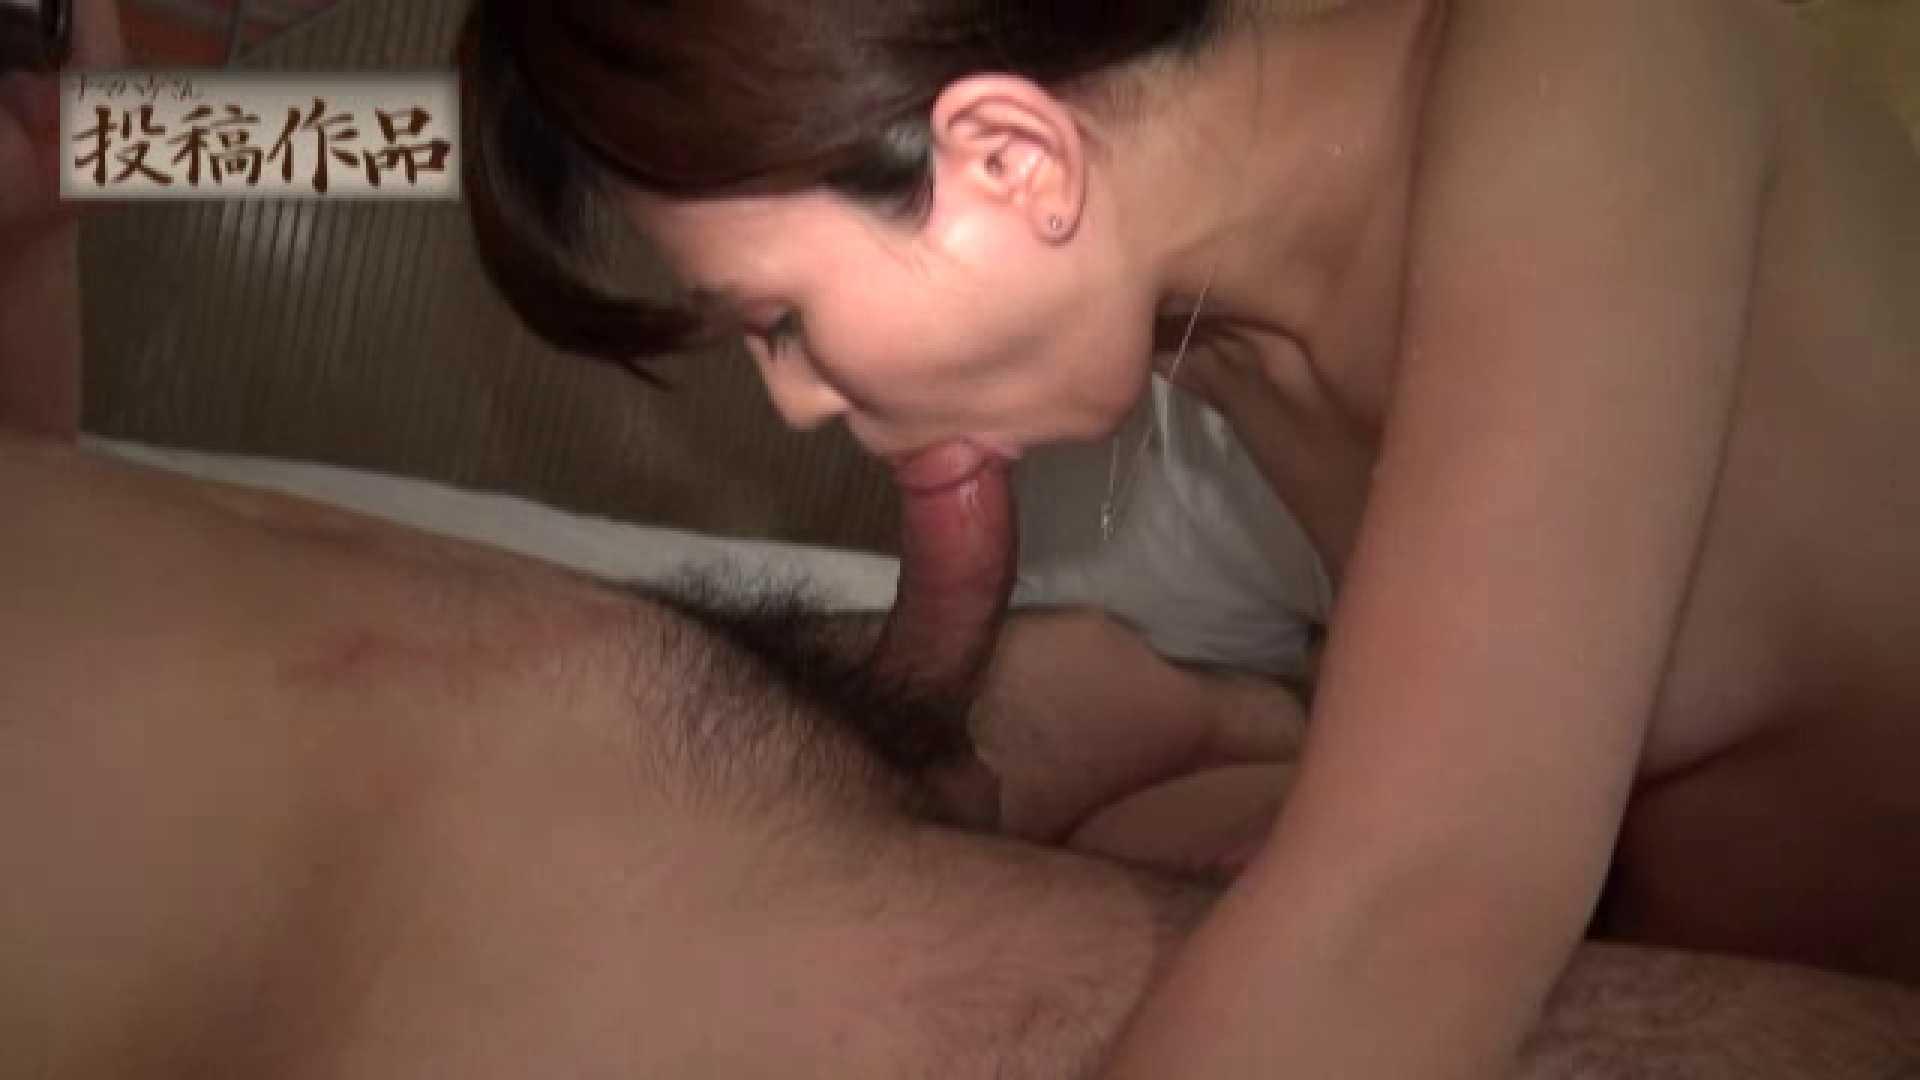 ナマハゲさんのまんこコレクション第二章 noriko02 覗き オメコ無修正動画無料 48連発 9